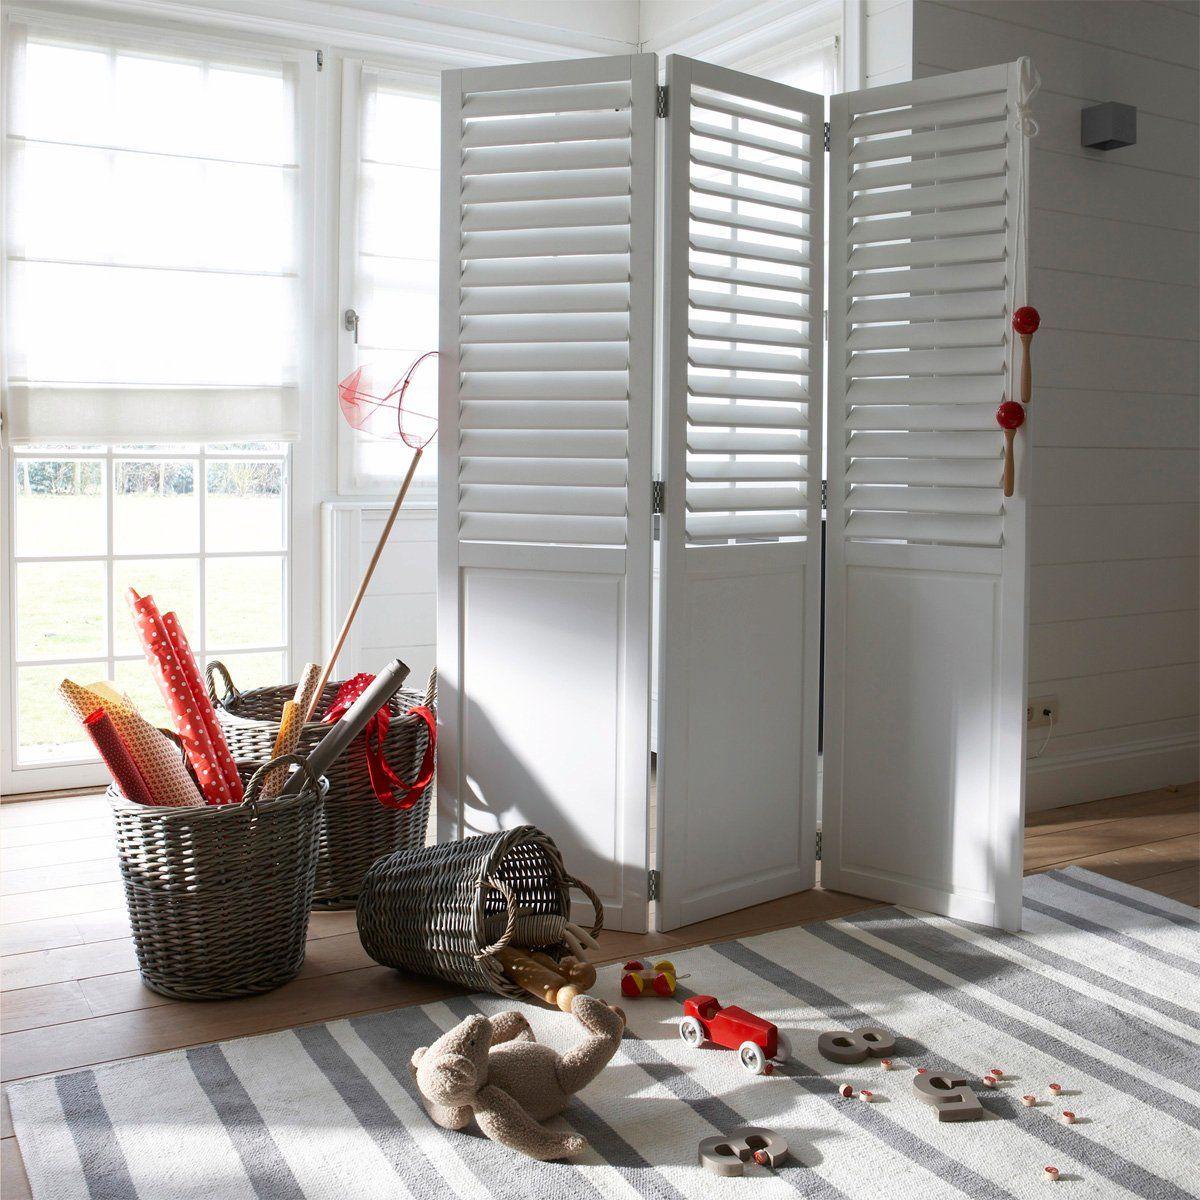 paravent persiennes lamelles orientables la redoute 157 20 livraison christine 39 s. Black Bedroom Furniture Sets. Home Design Ideas